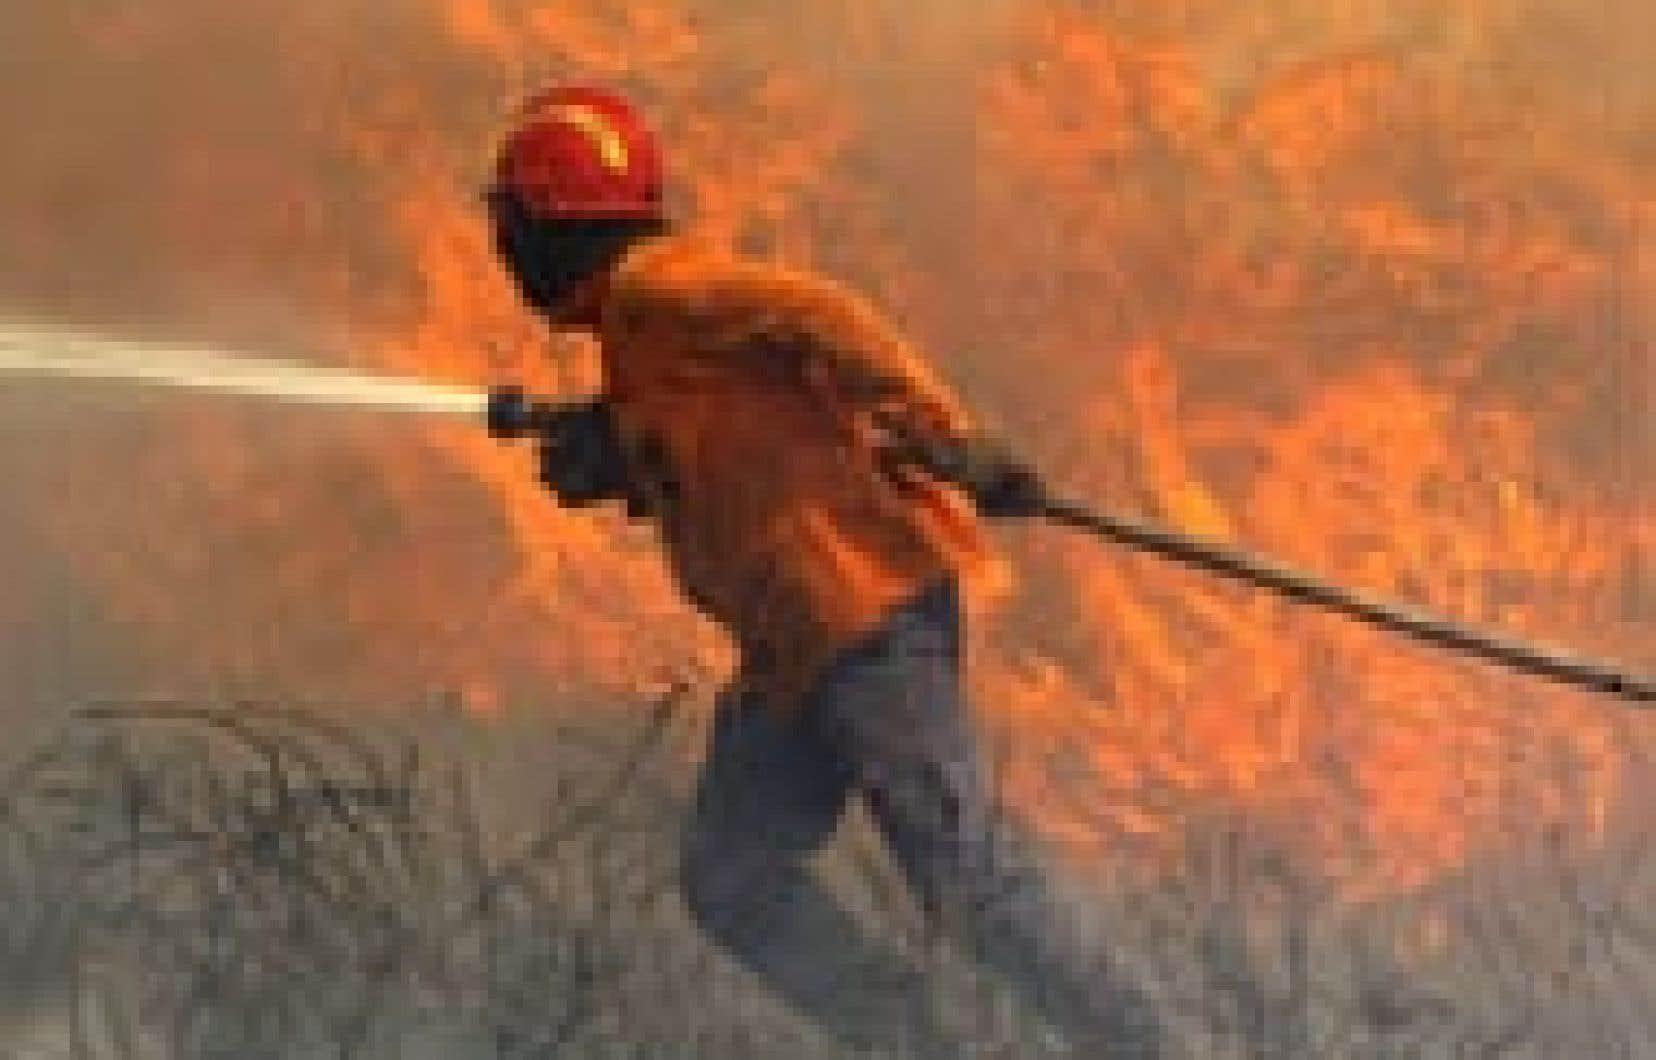 Plus de 1000 pompiers, du nord au sud du Portugal, appuyés par de nombreux véhicules, hélicoptères ou bombardiers d'eau Canadair, s'efforçaient hier soir de maîtriser une vingtaine d'incendies.